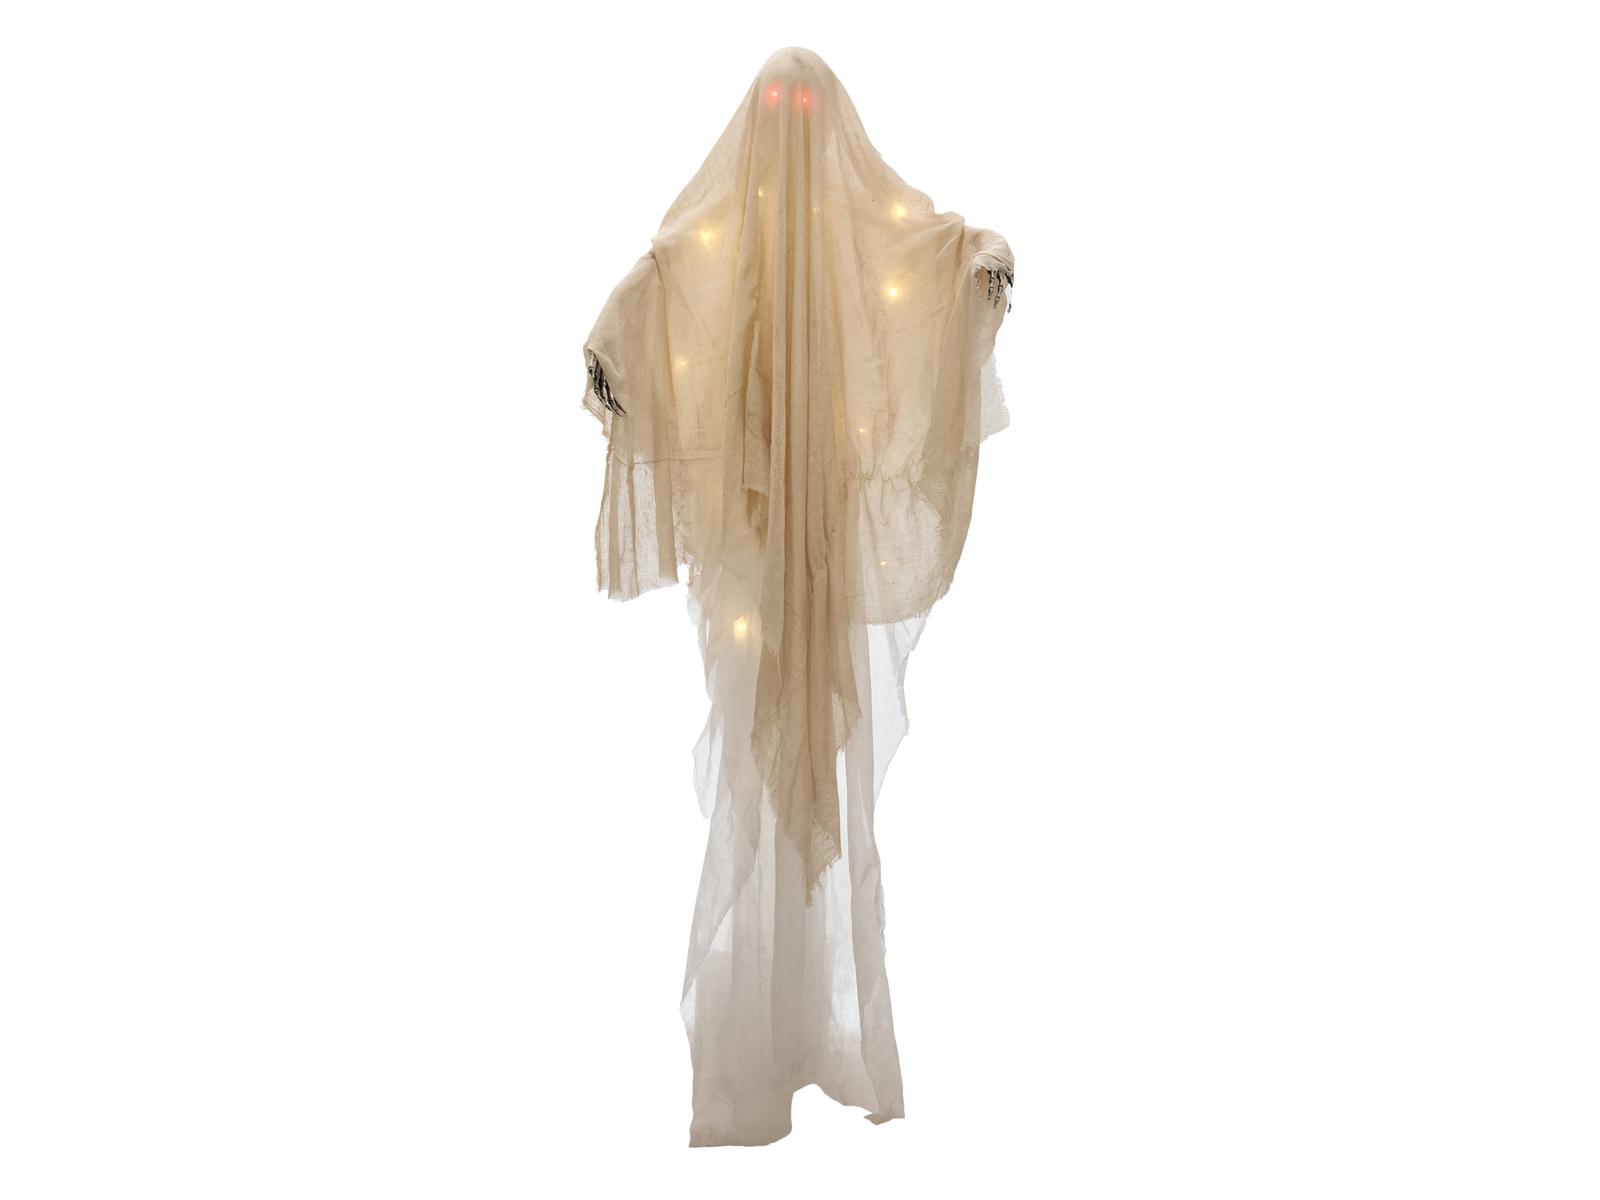 EUROPALMS Halloween Ghost, ill